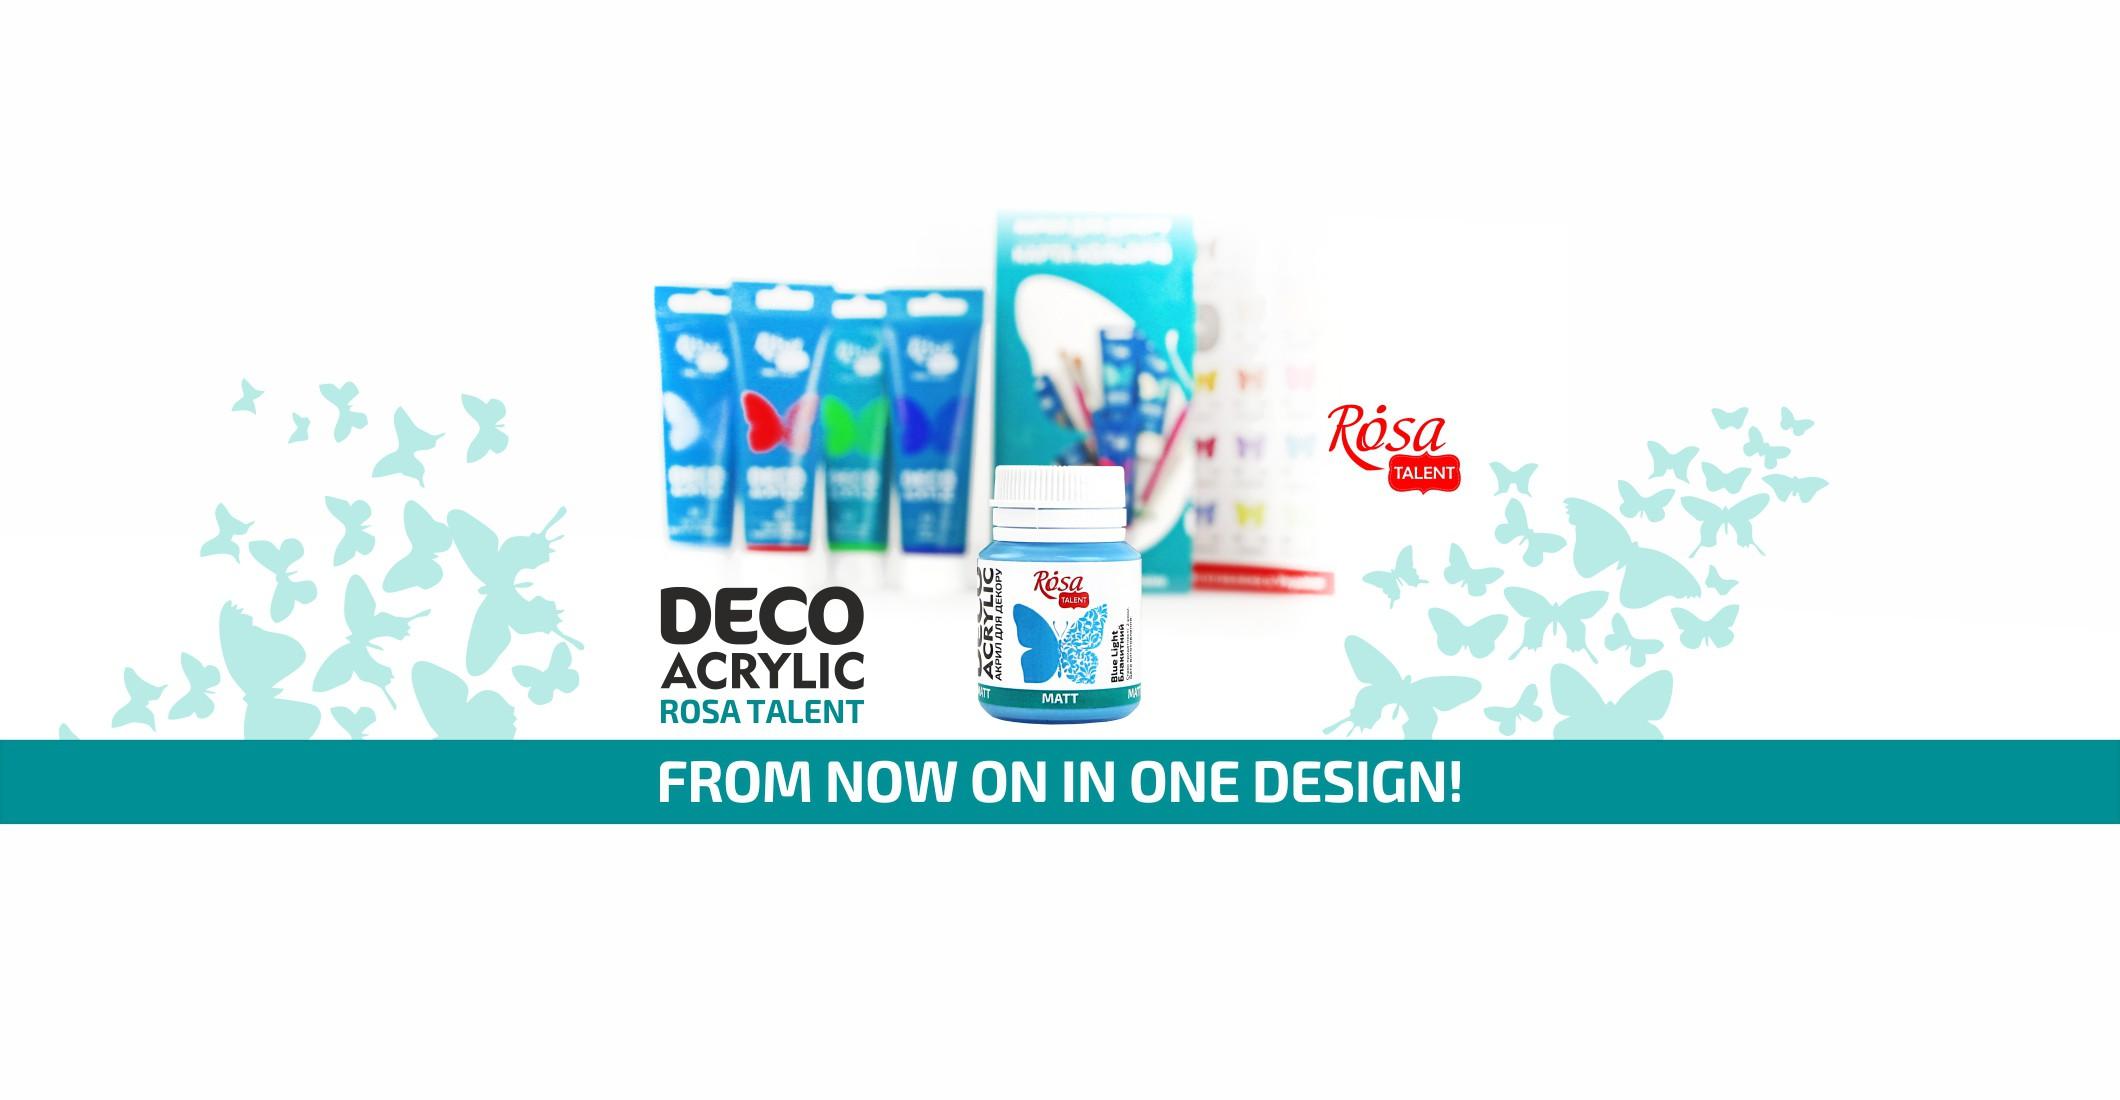 DECO Acrylic